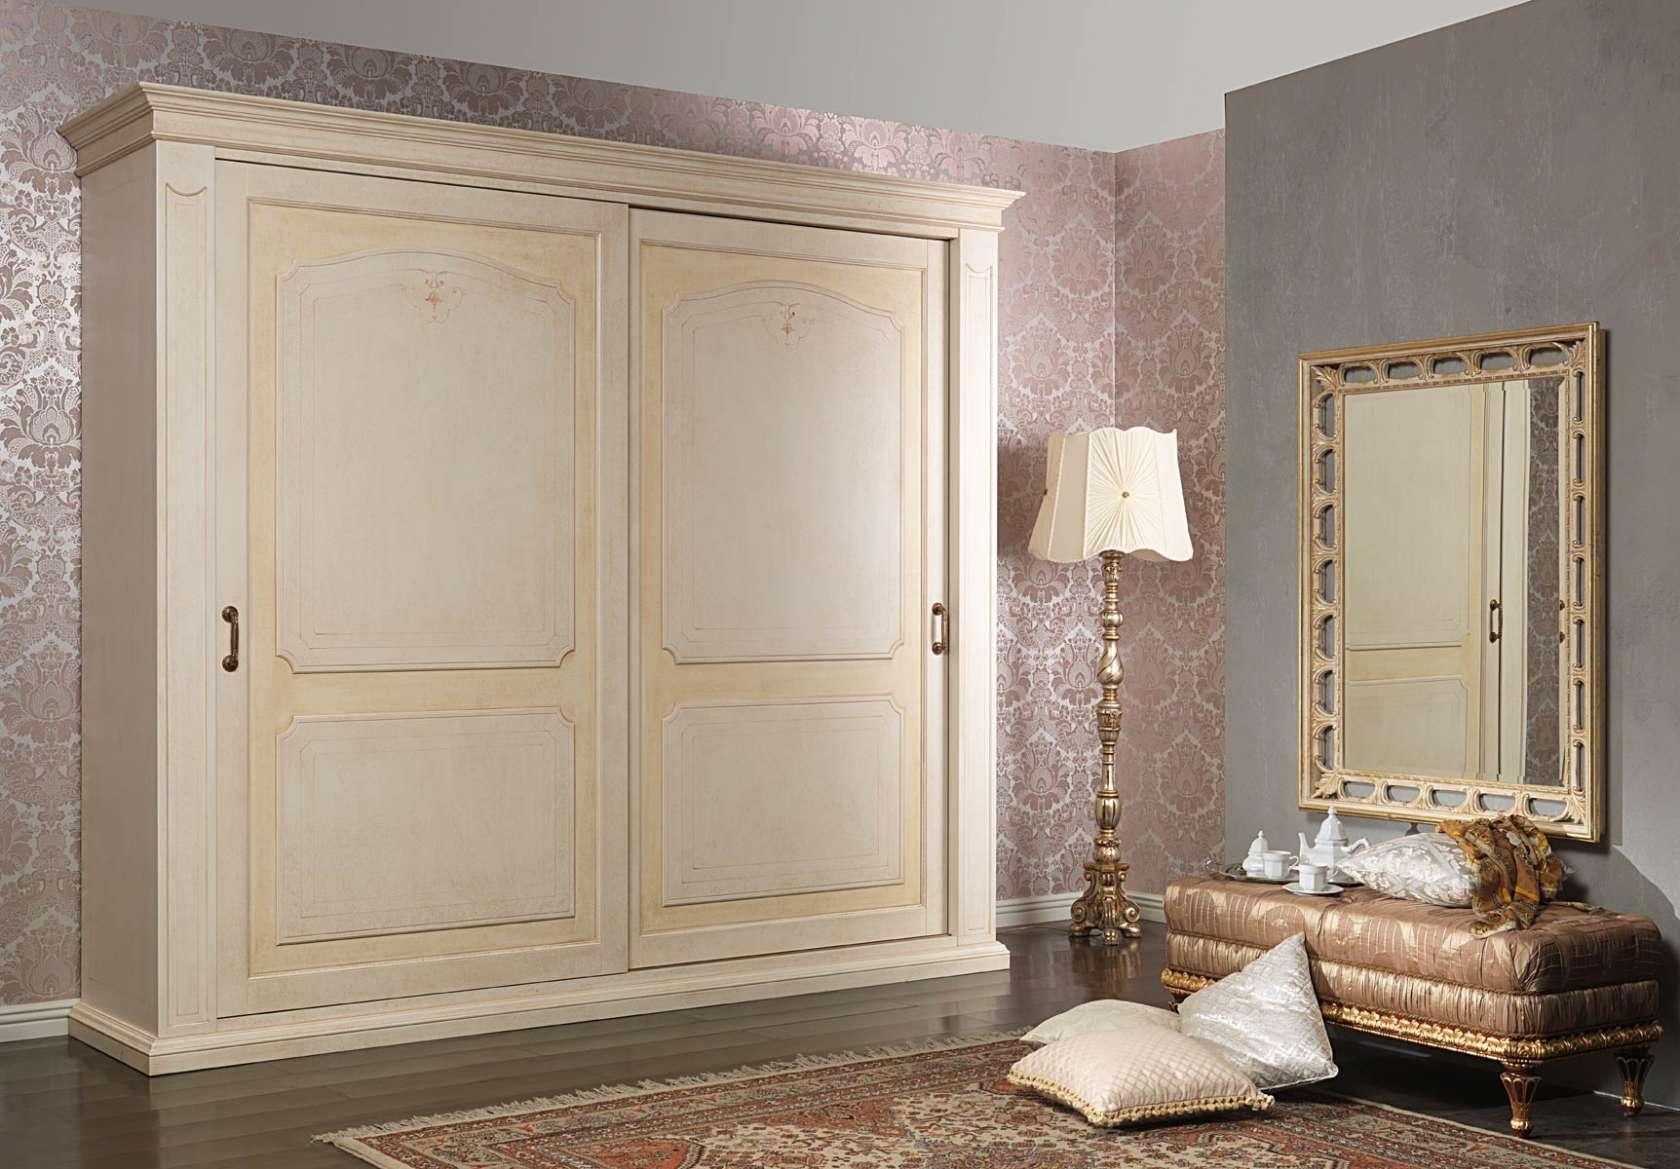 Armadi Classici Mondo Convenienza.Classic Wardrobe Collection Botticelli Vimercati Classic Furniture